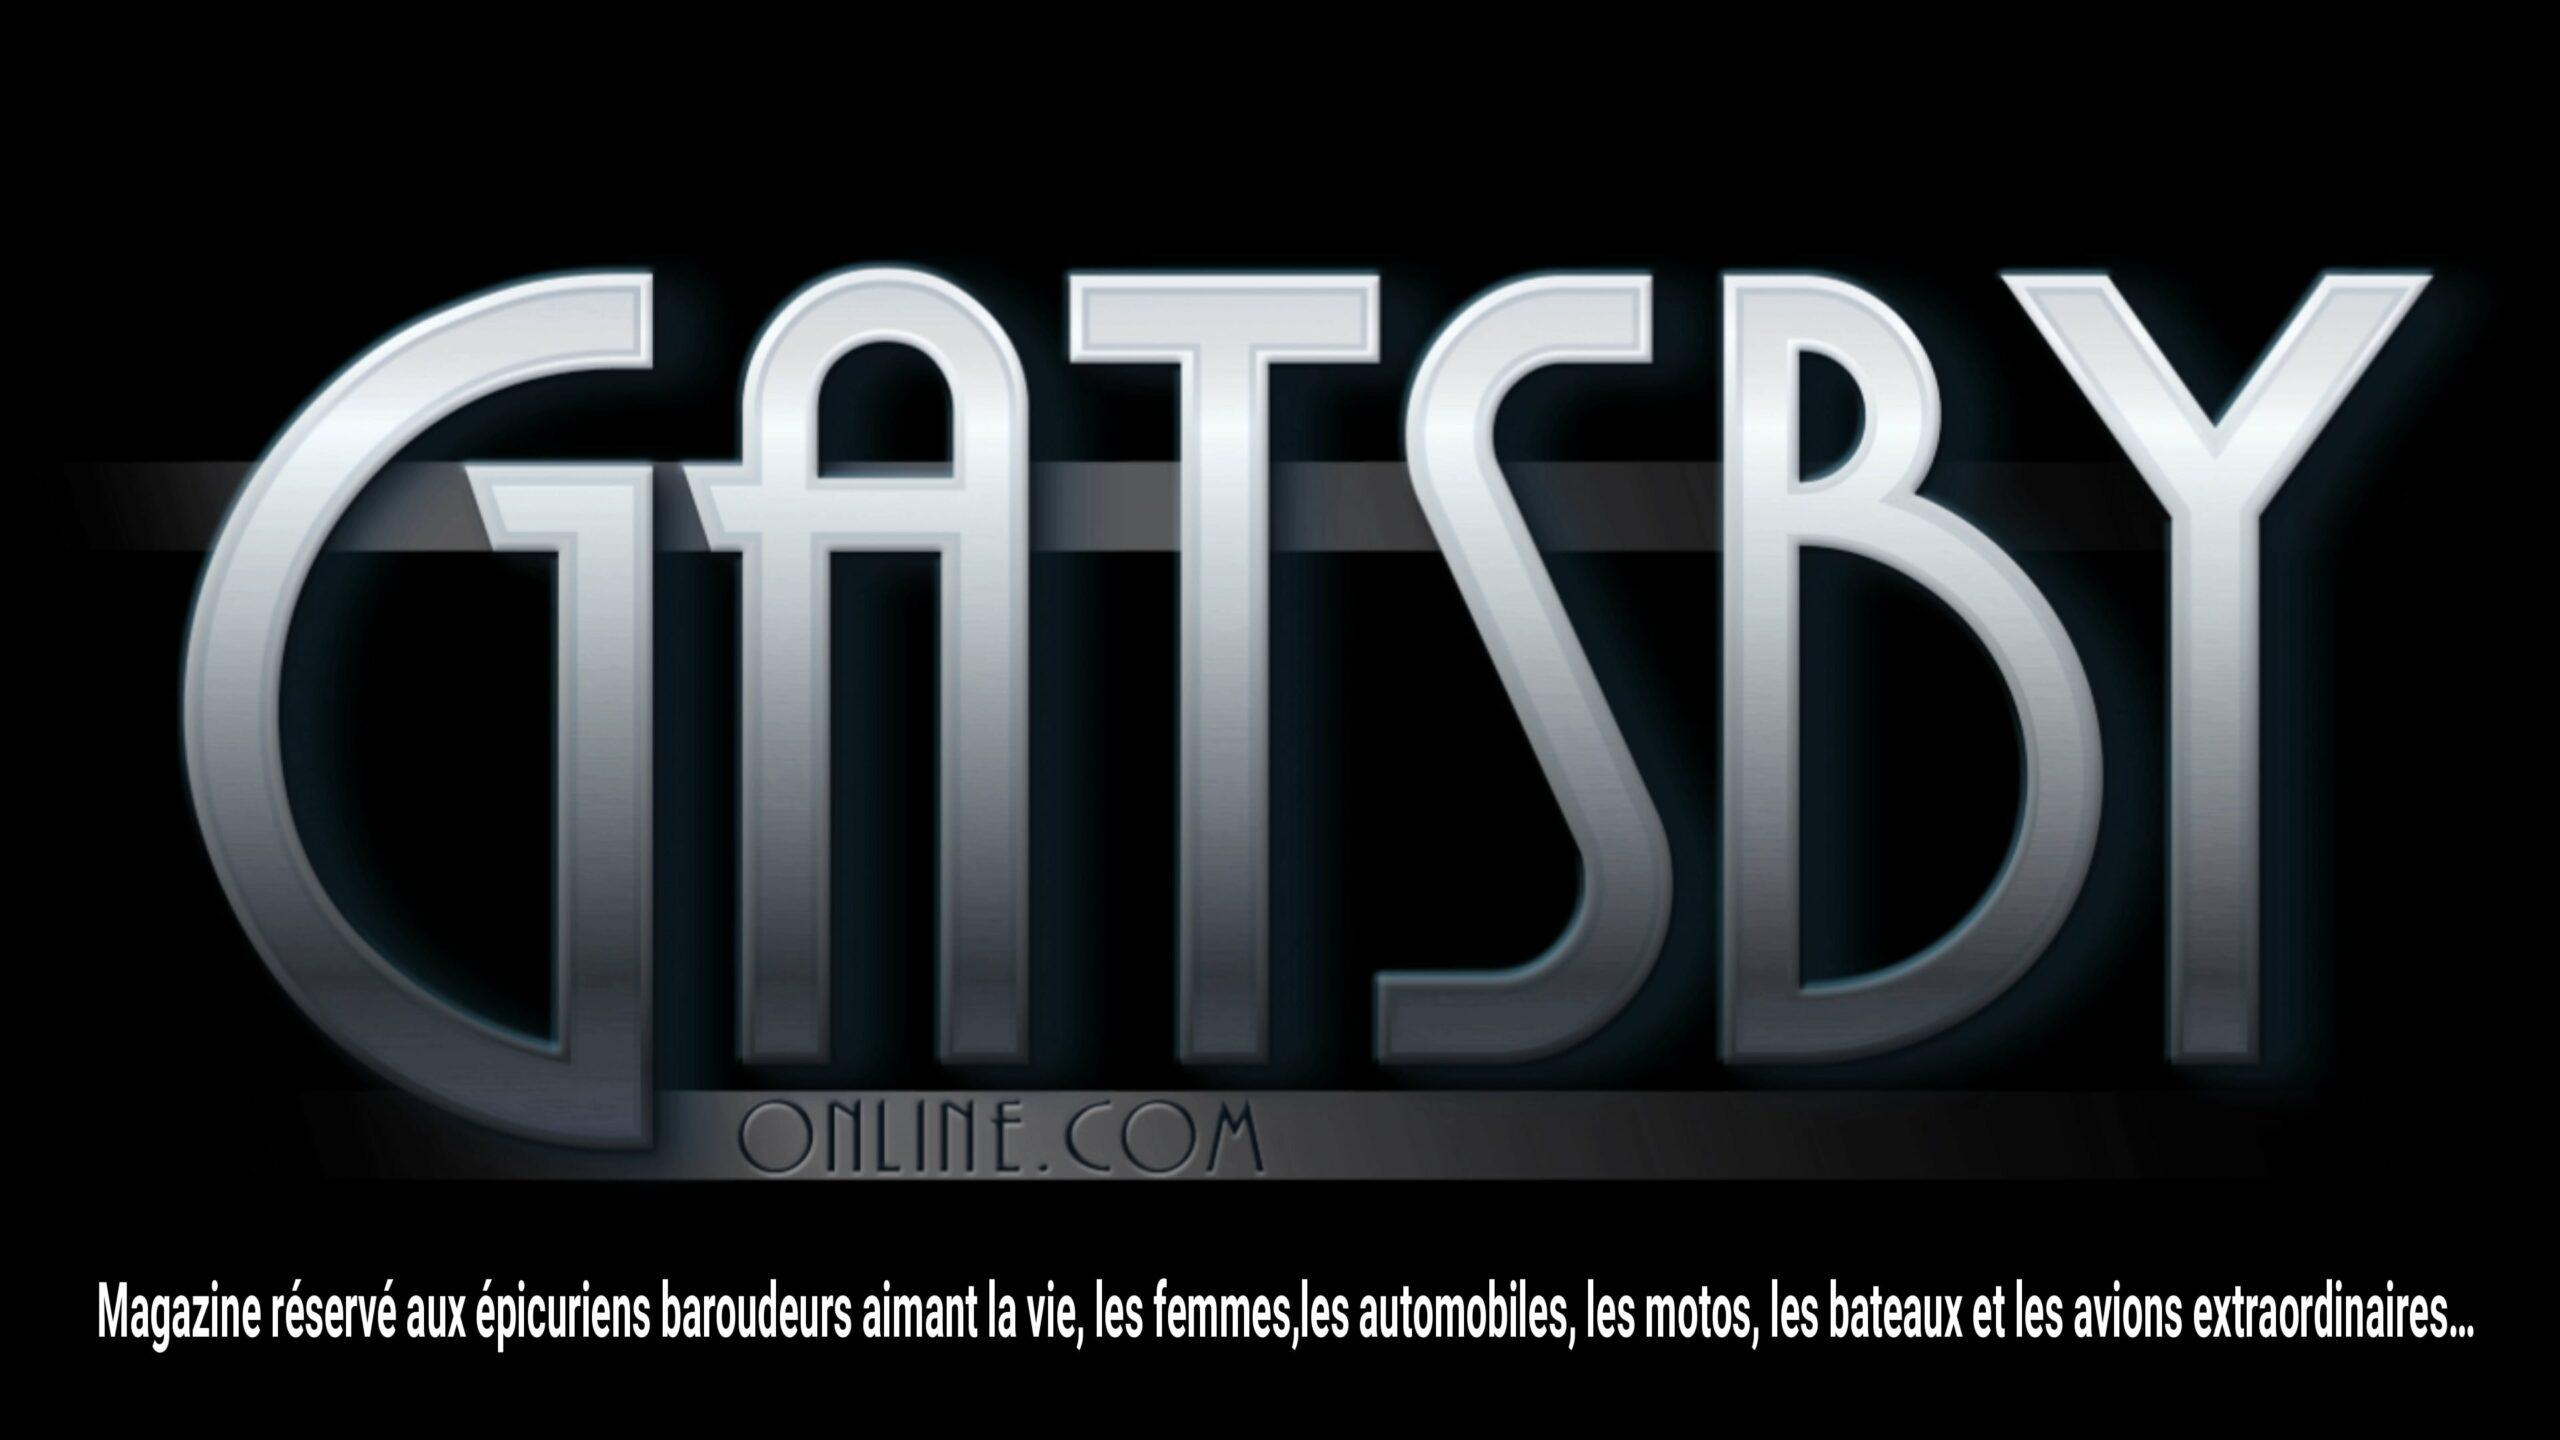 Gatsby Magazine